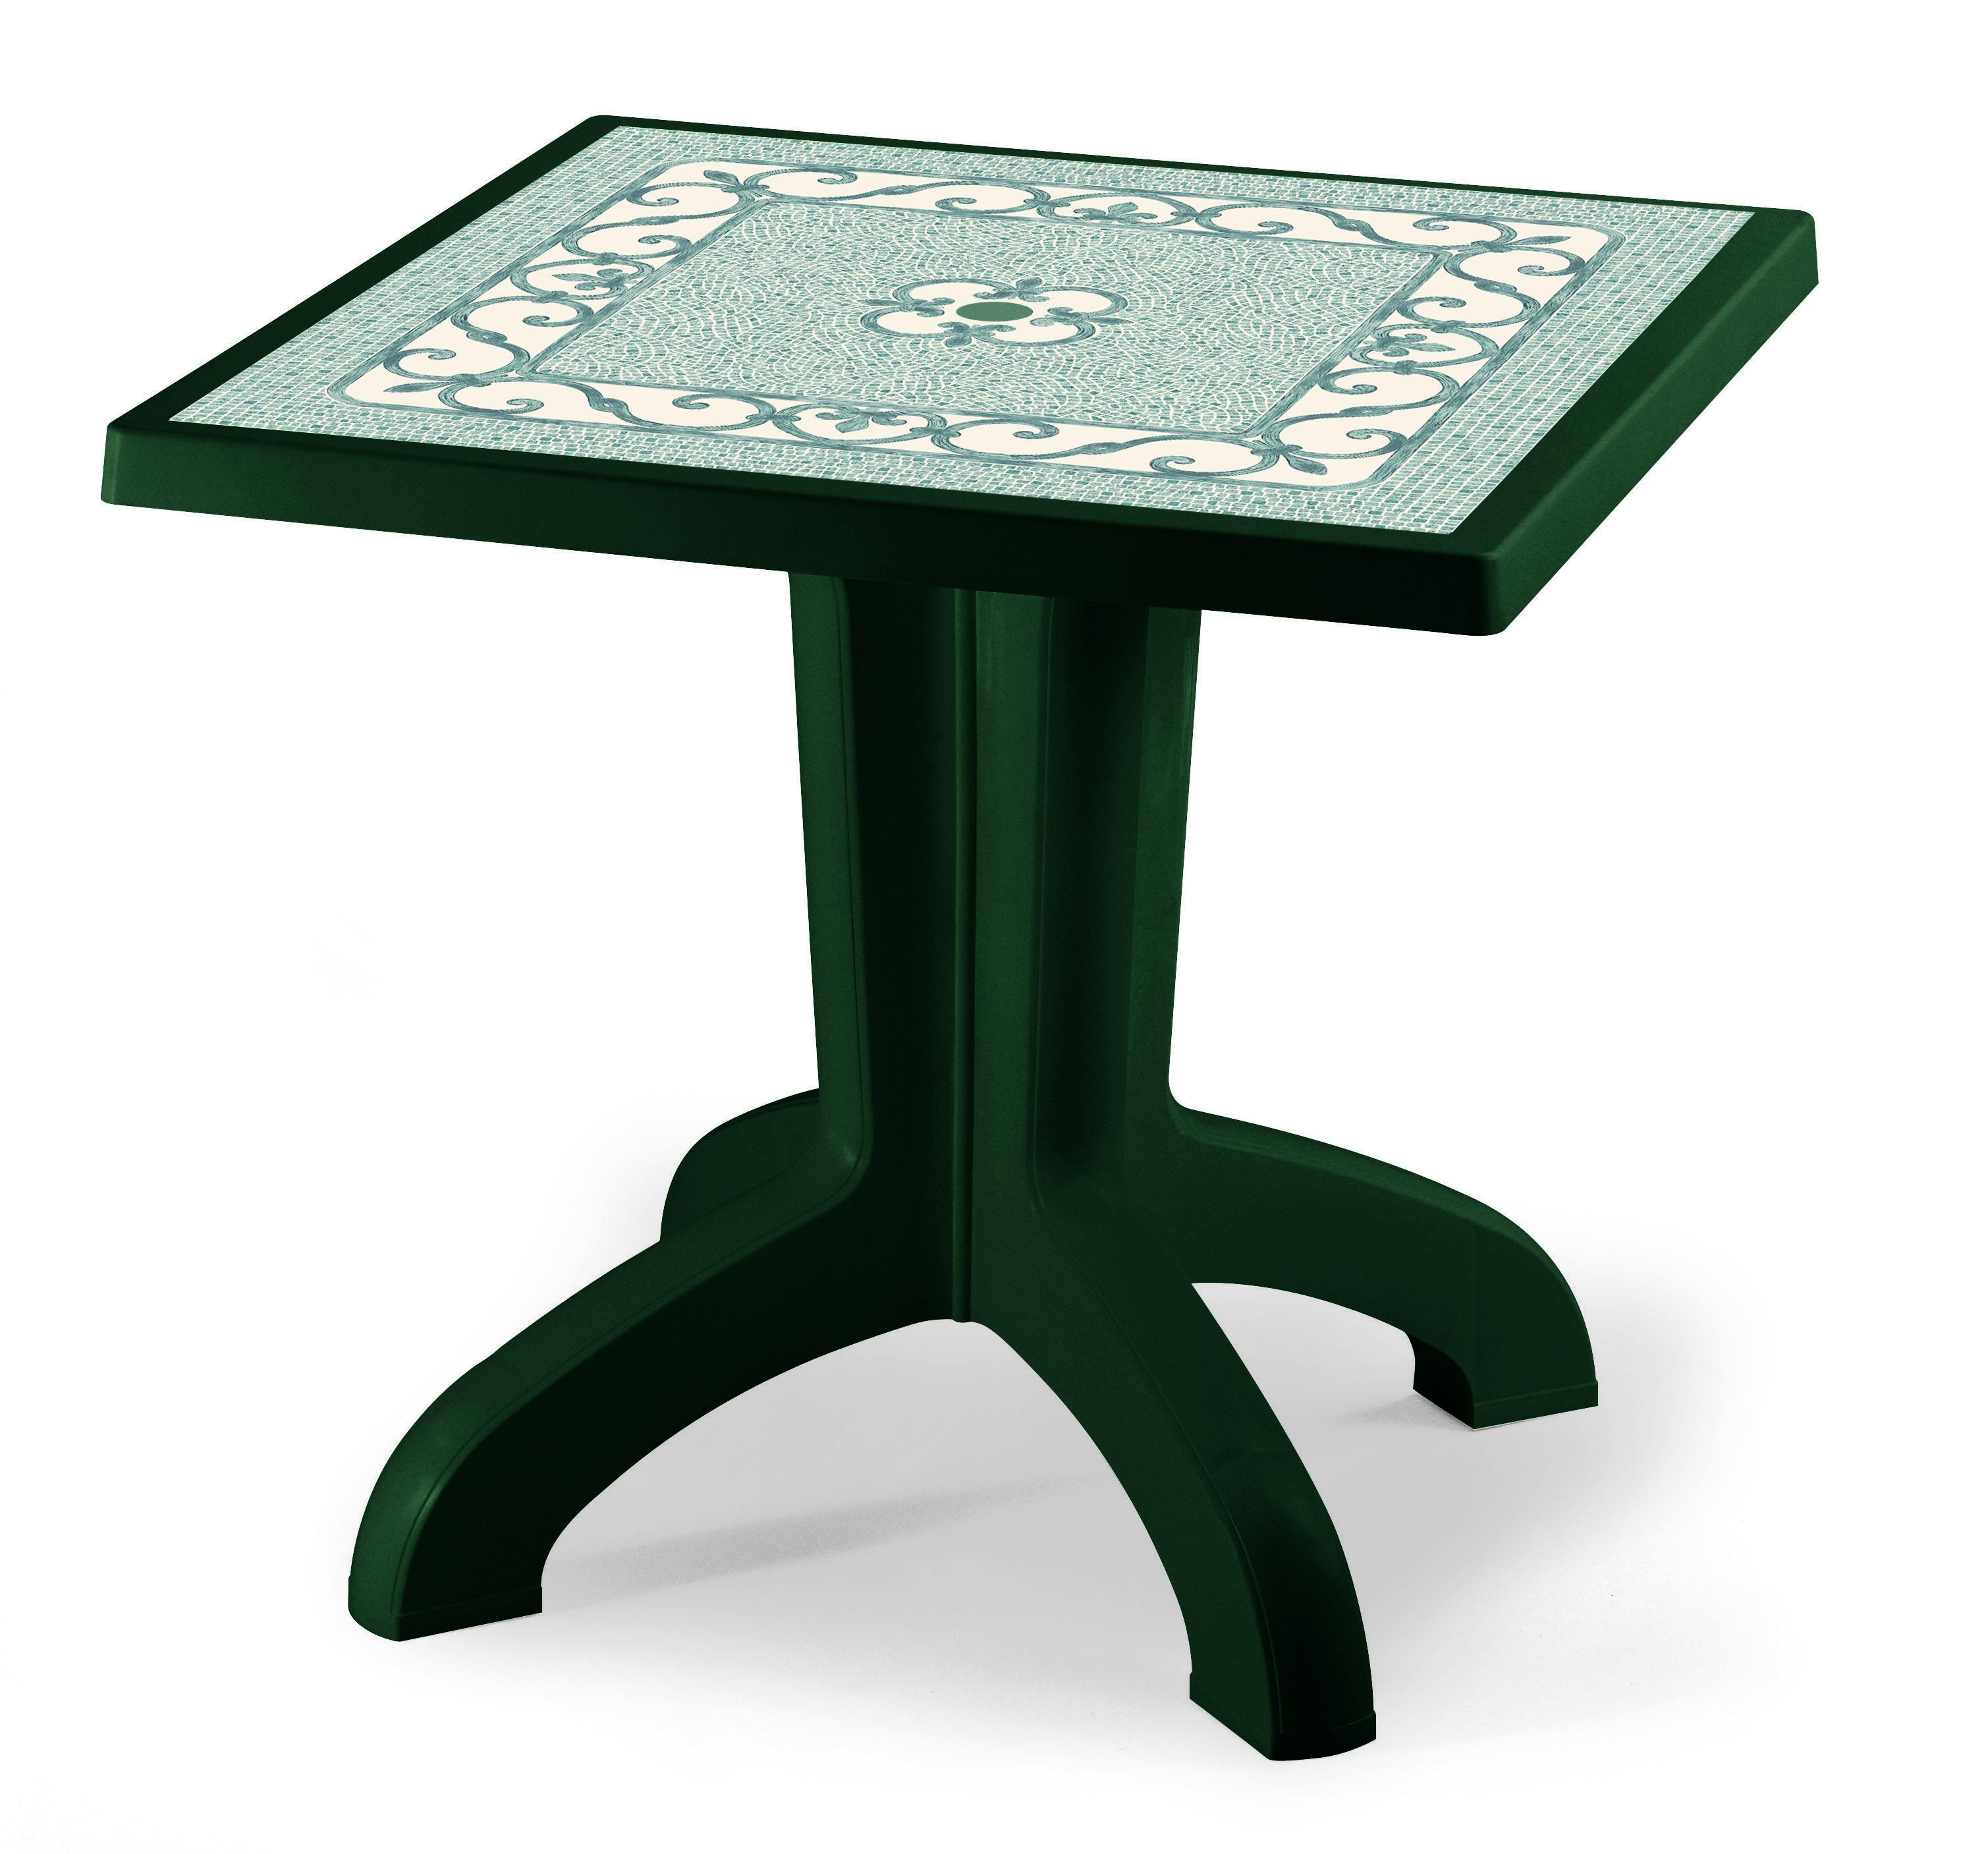 Tavolo da giardino daytona 80 x 80 contract in resina by - Salottini per esterno ...